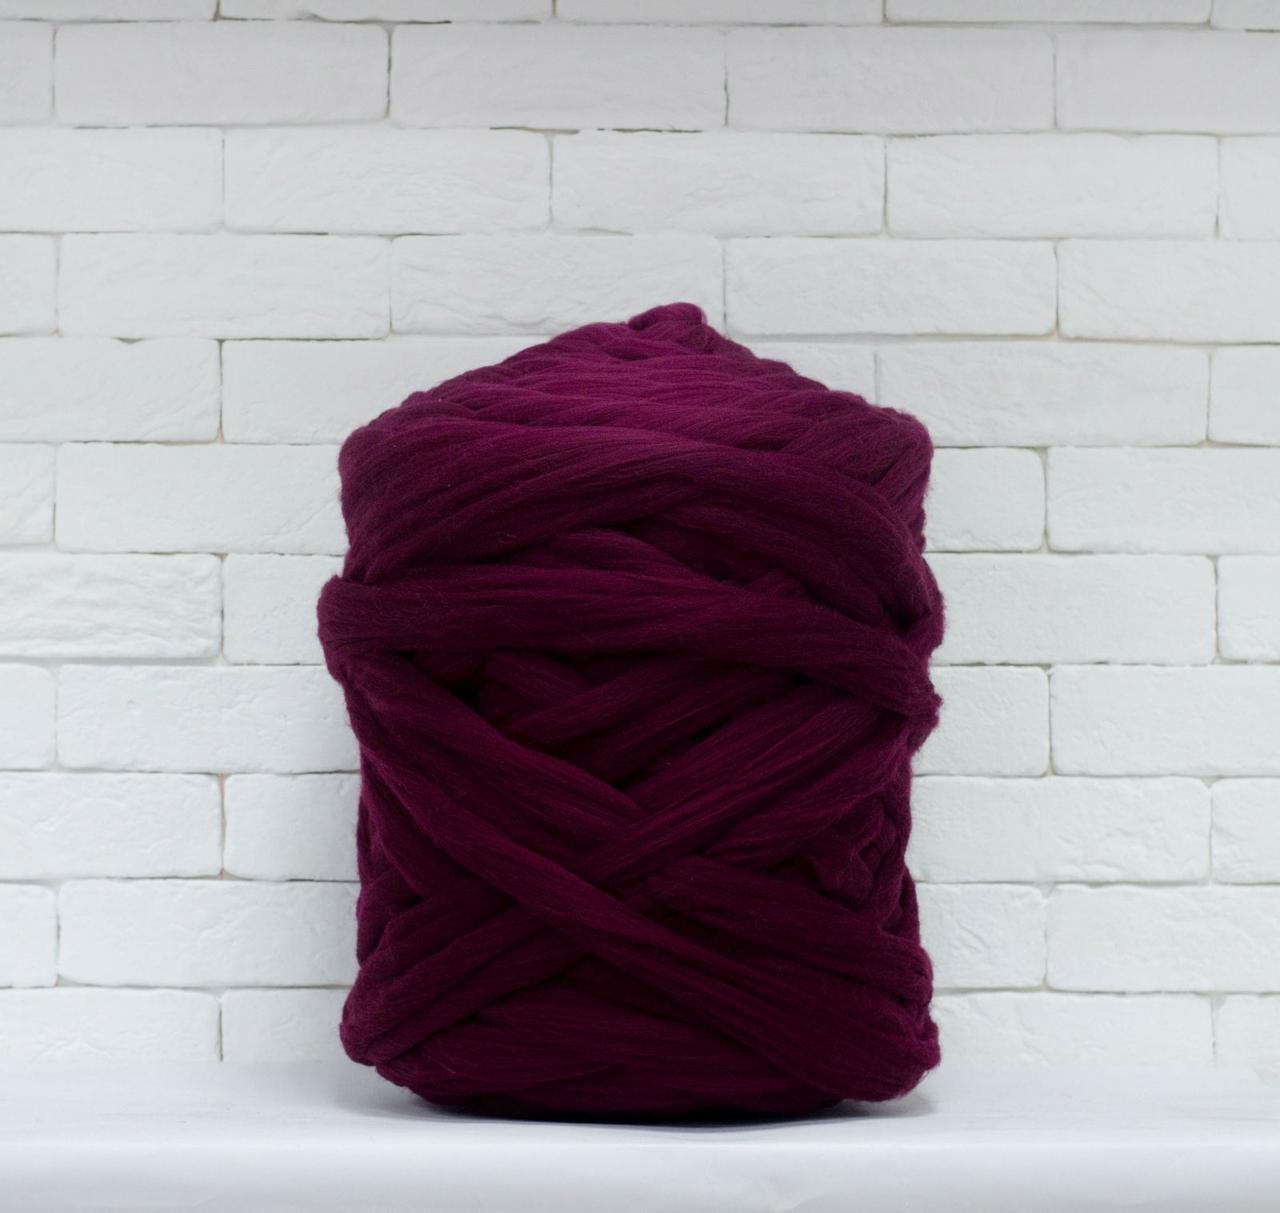 Толстая, крупная пряжа 100% шерсть 1кг (40м). Цвет: Бордо. 25-29 мкрн. Топс. Лента для пледов